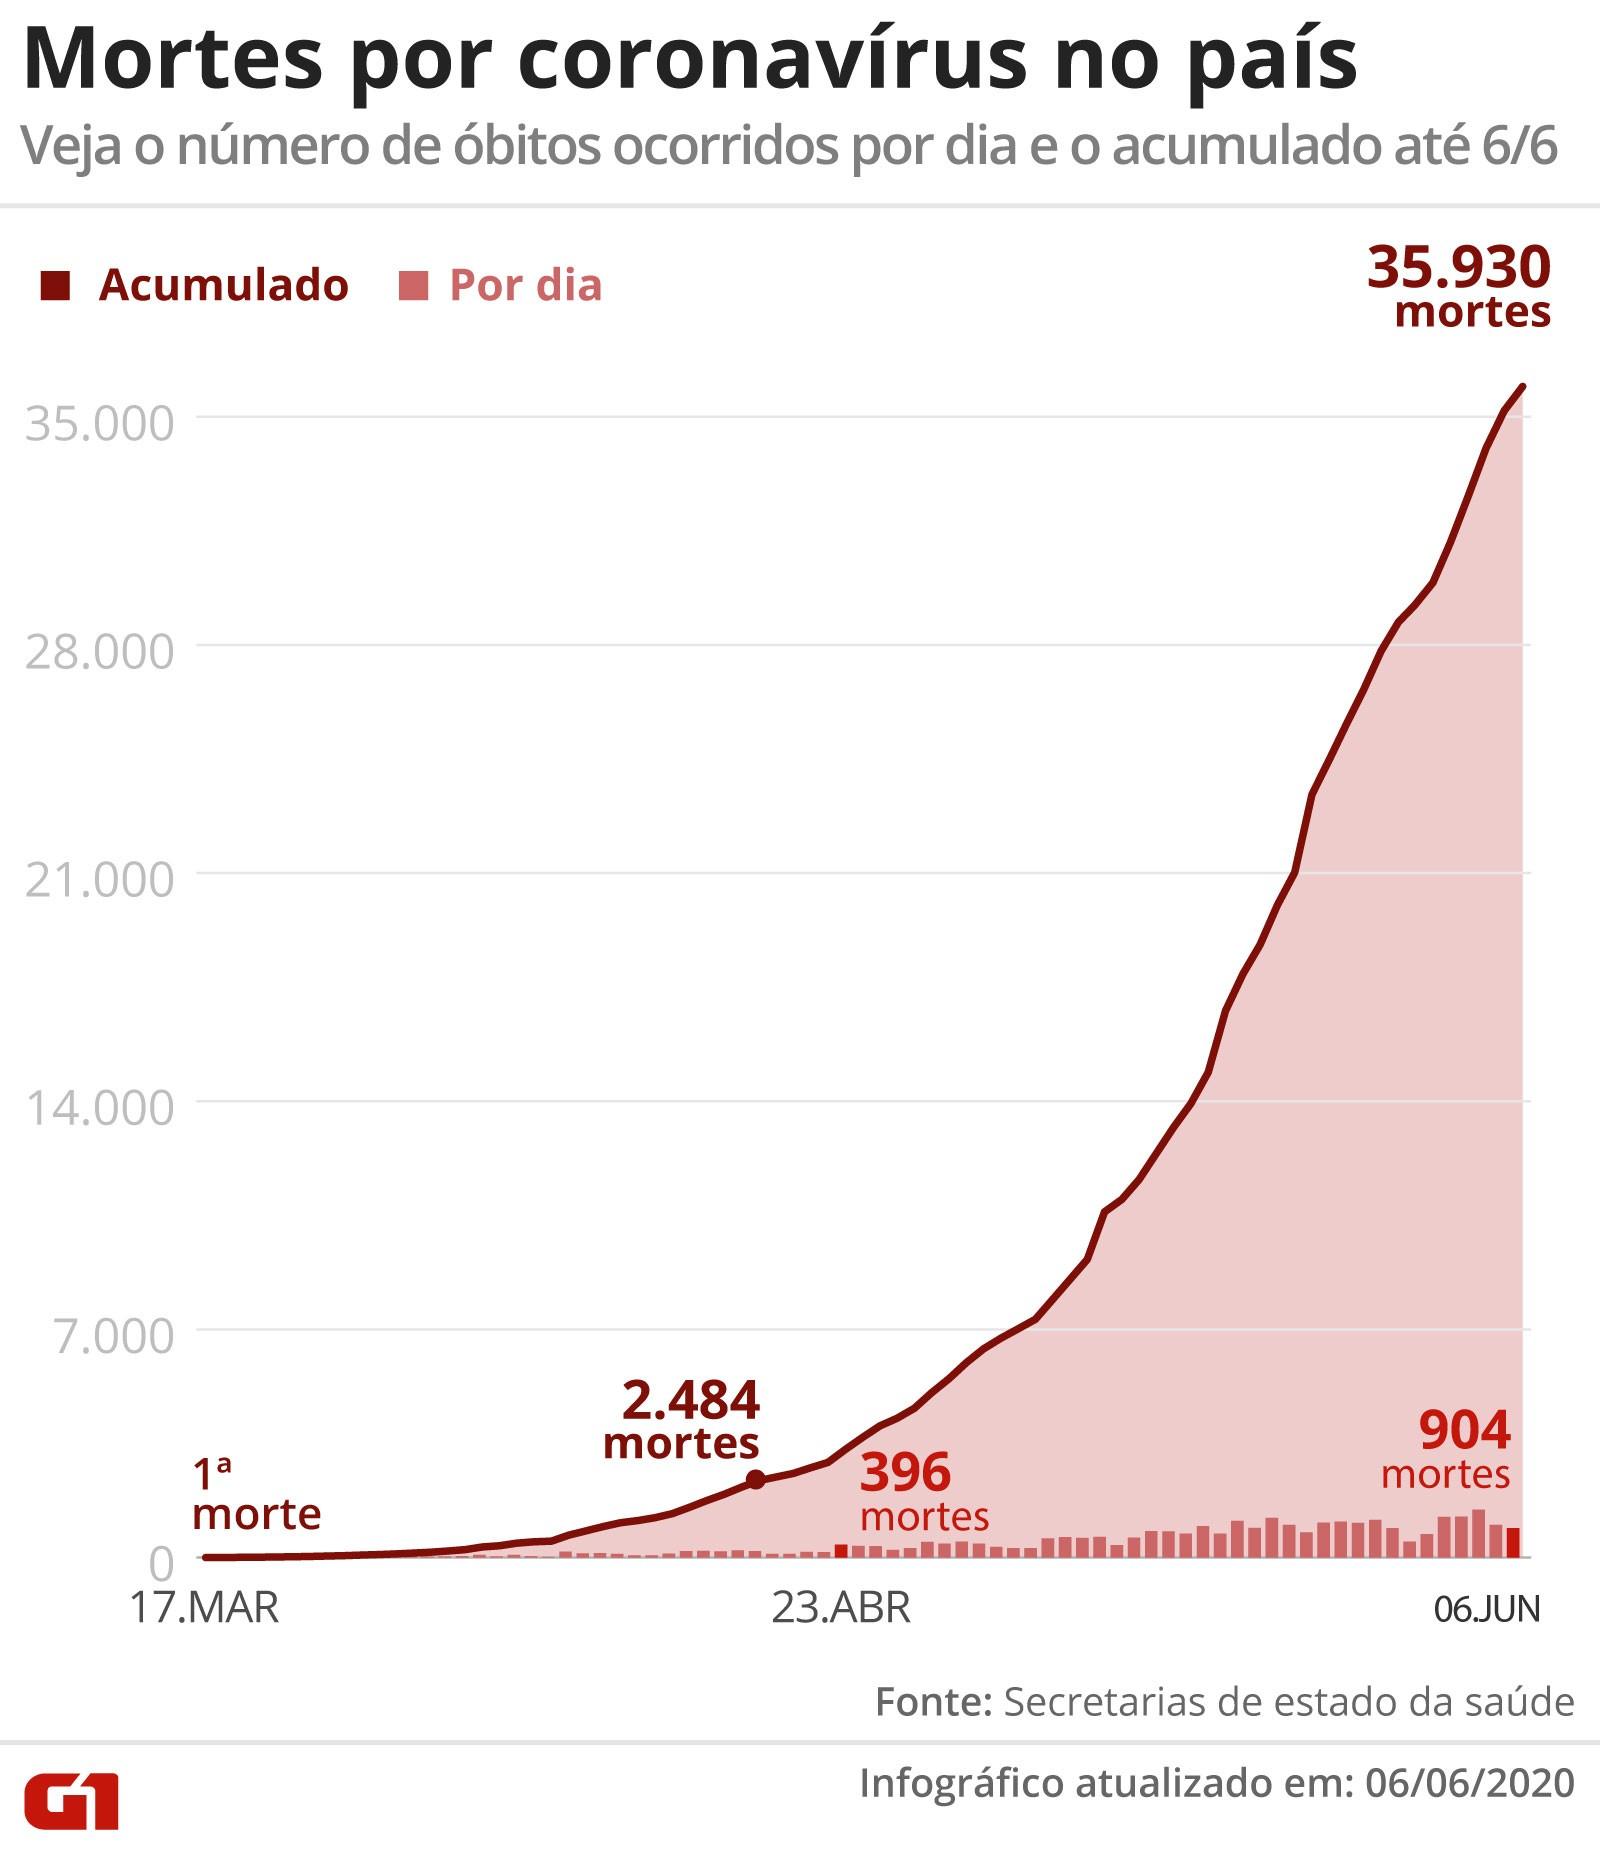 Ministério da Saúde aponta 904 mortes em 24 horas; total de mortos vai a 35.930